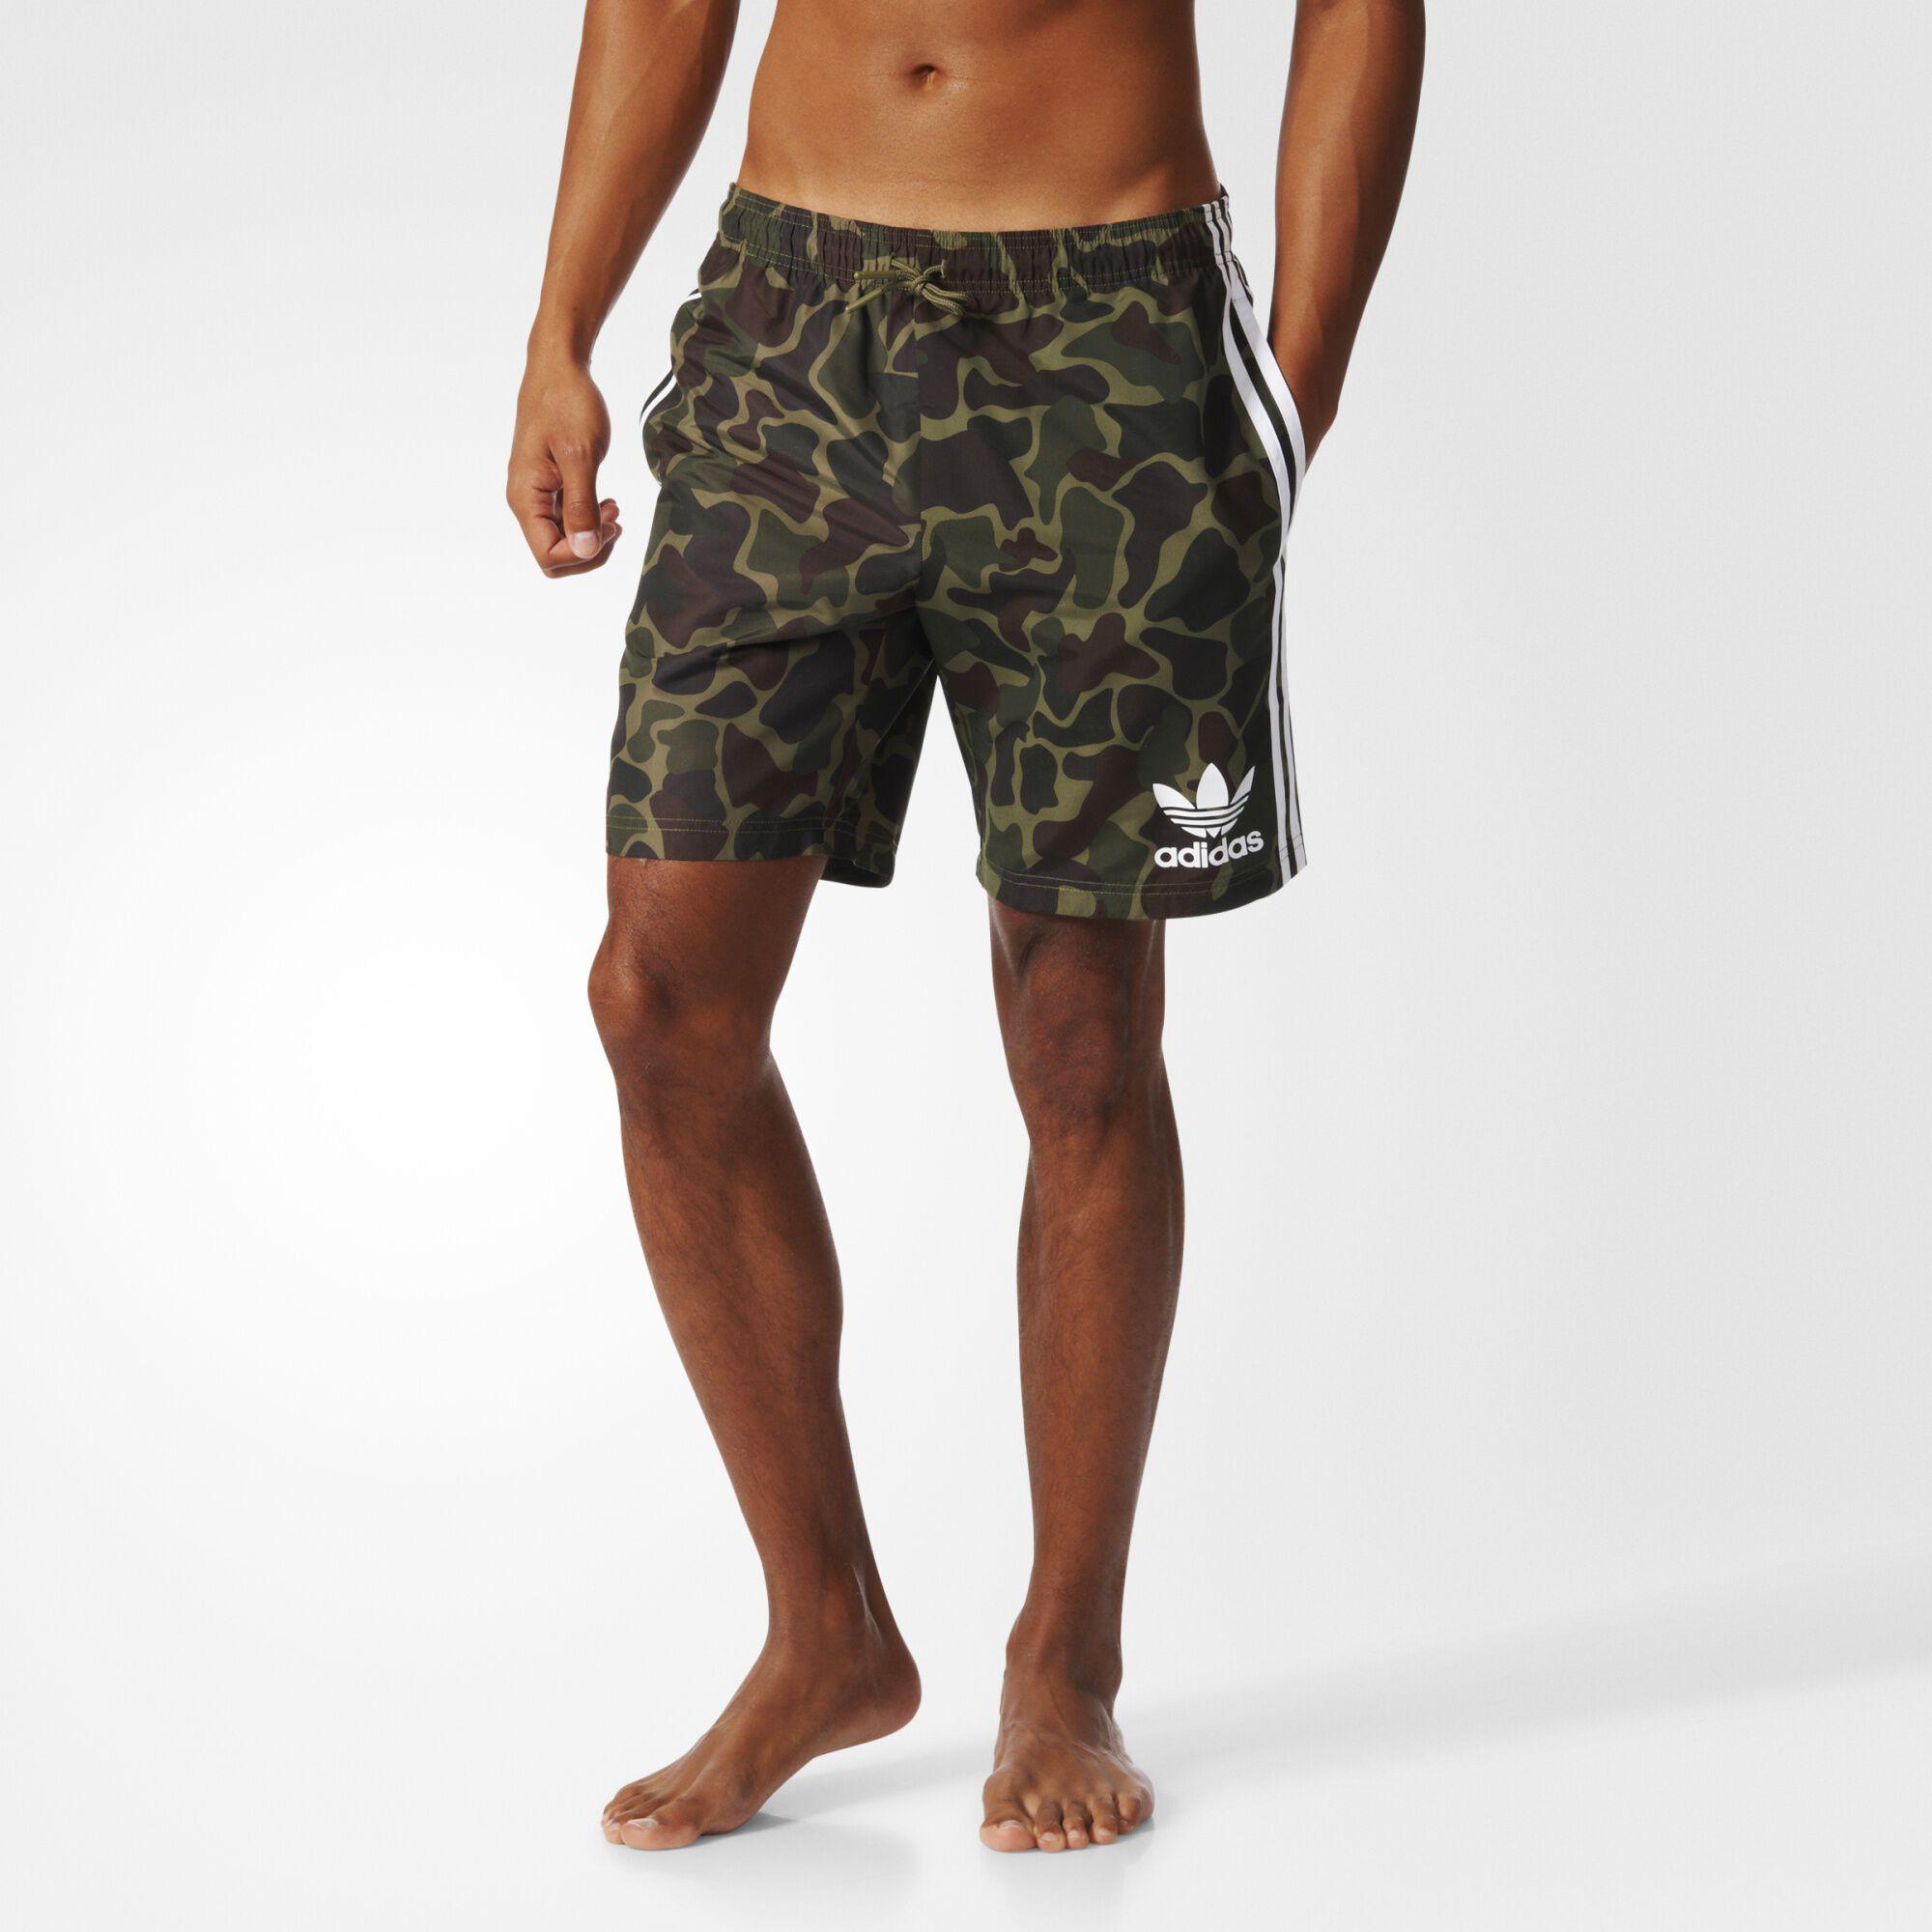 camouflage board shorts. Black Bedroom Furniture Sets. Home Design Ideas